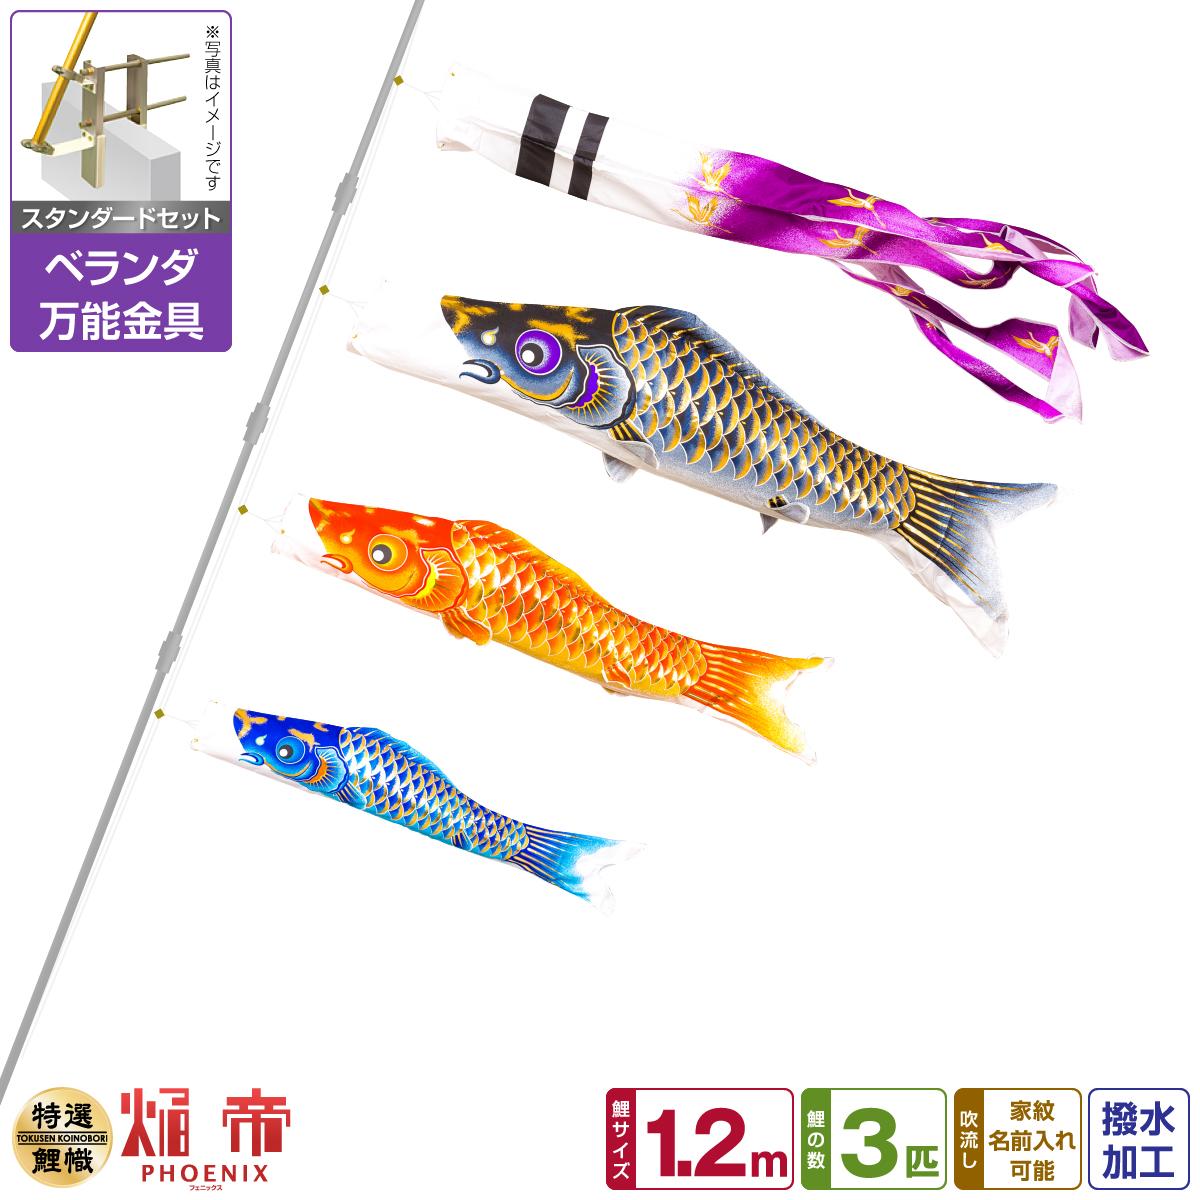 ベランダ用 こいのぼり 鯉のぼり 焔帝鯉フェニックス 1.2m 6点(吹流し+鯉3匹+矢車+ロープ)/スタンダードセット(万能取付金具)